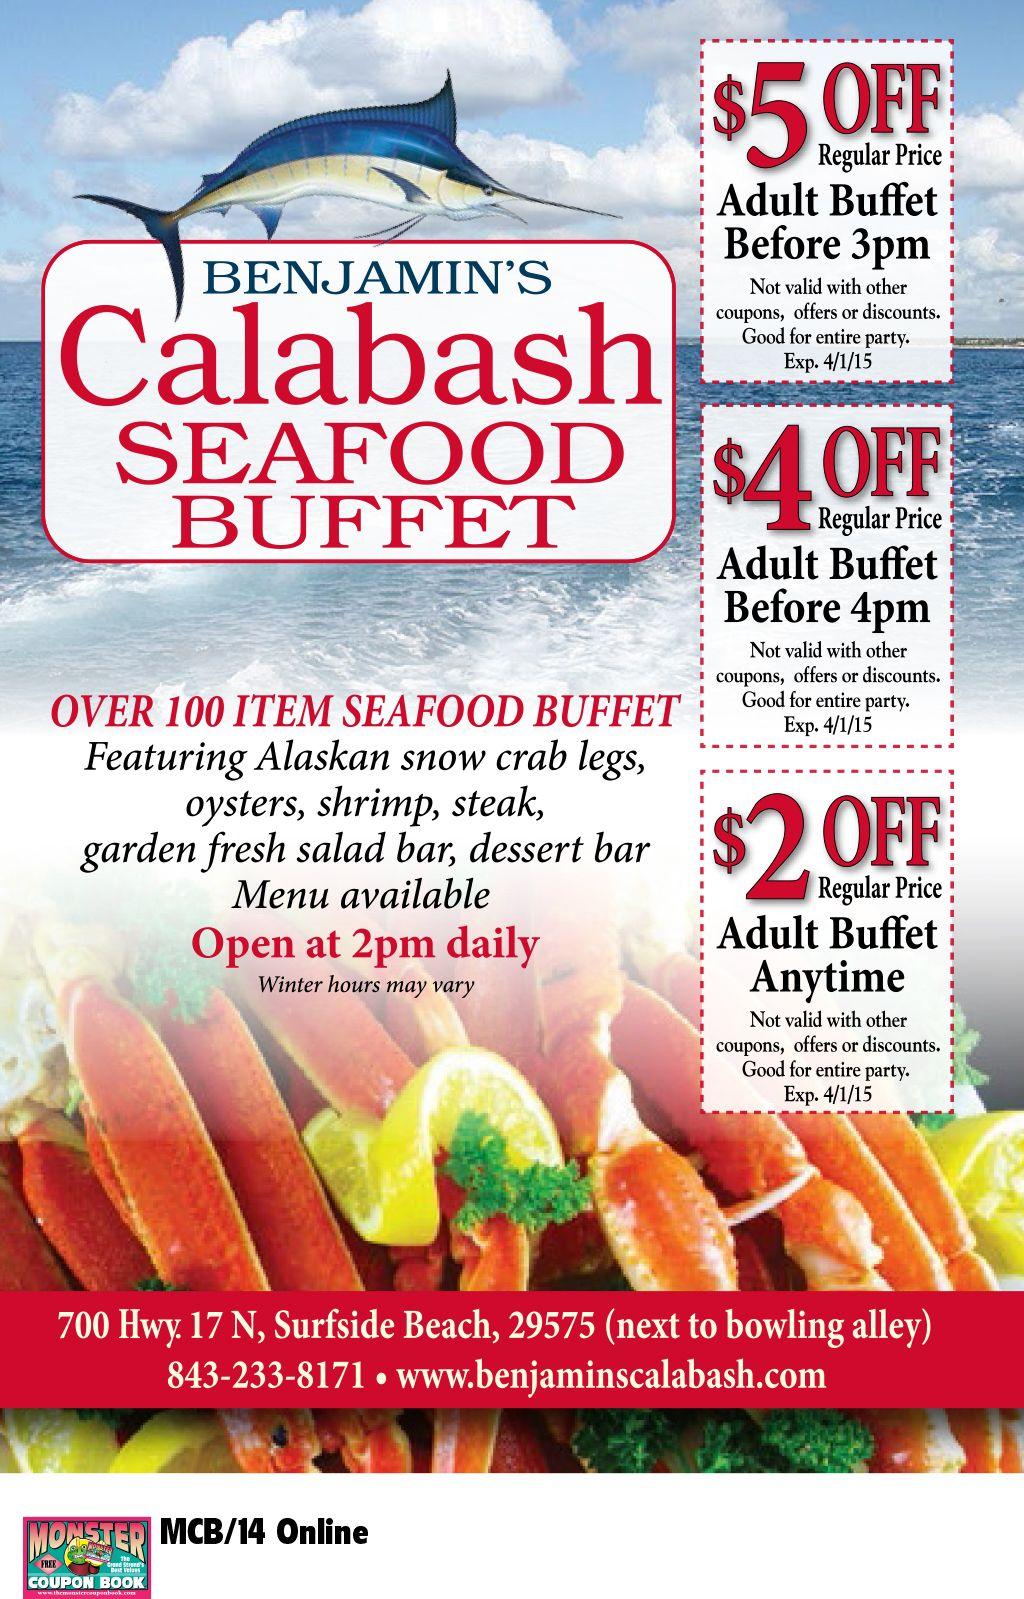 Benjamin S Calabash Seafood Buffet Myrtle Beach Resorts Seafood Buffet Calabash Seafood Seafood